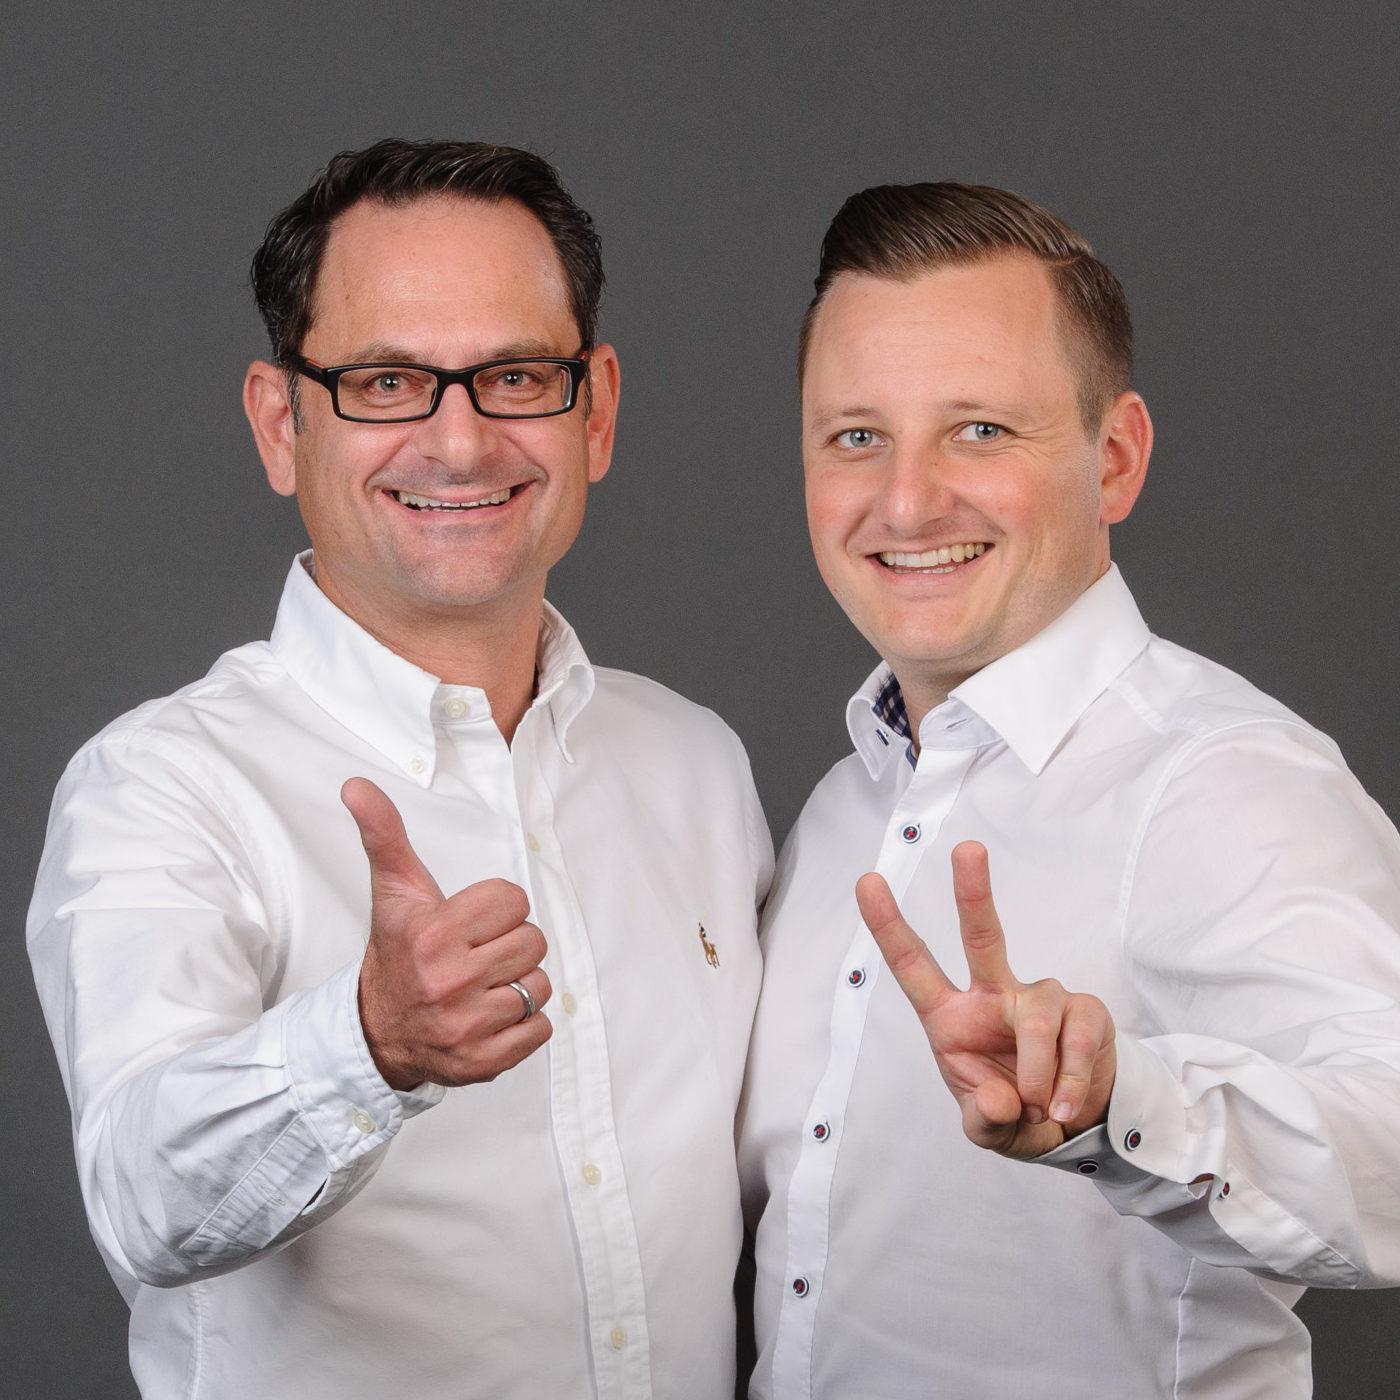 Unsere Kieferorthopäden von Dr. Grammatidis & Partner(R) in Kirchheim.